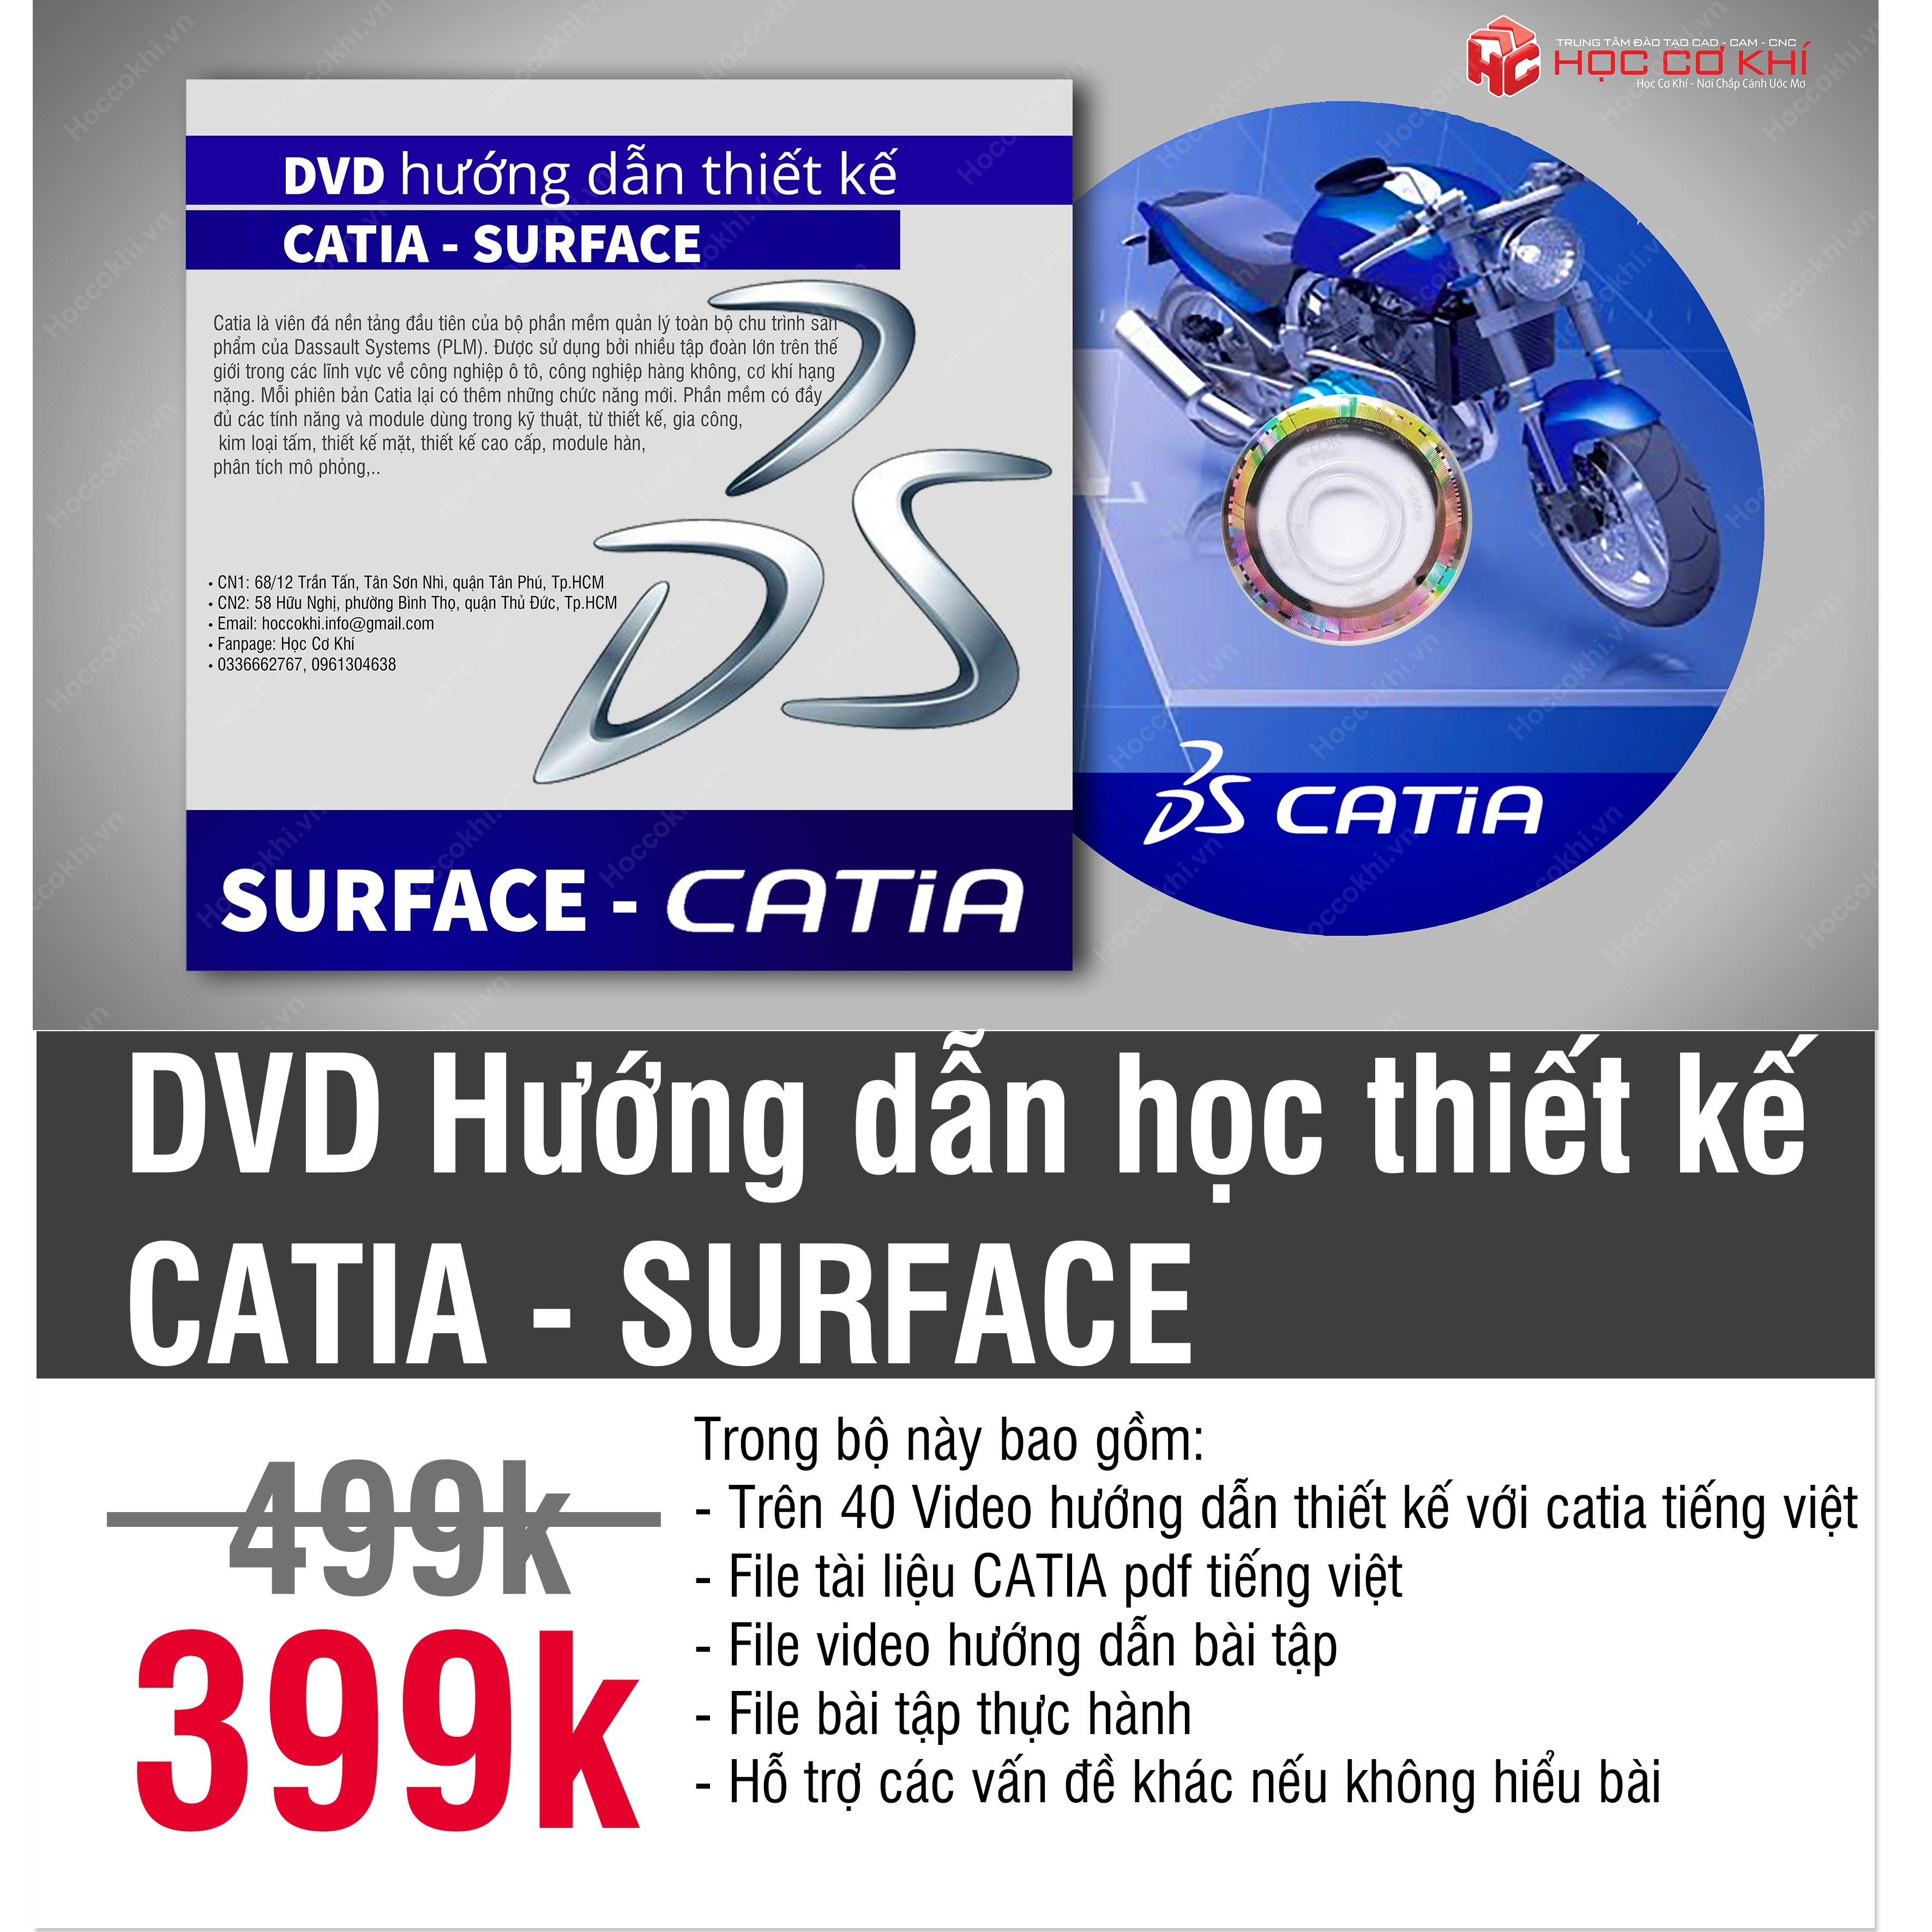 DVD hướng dẫn học thiết kế Catia - SURFACE